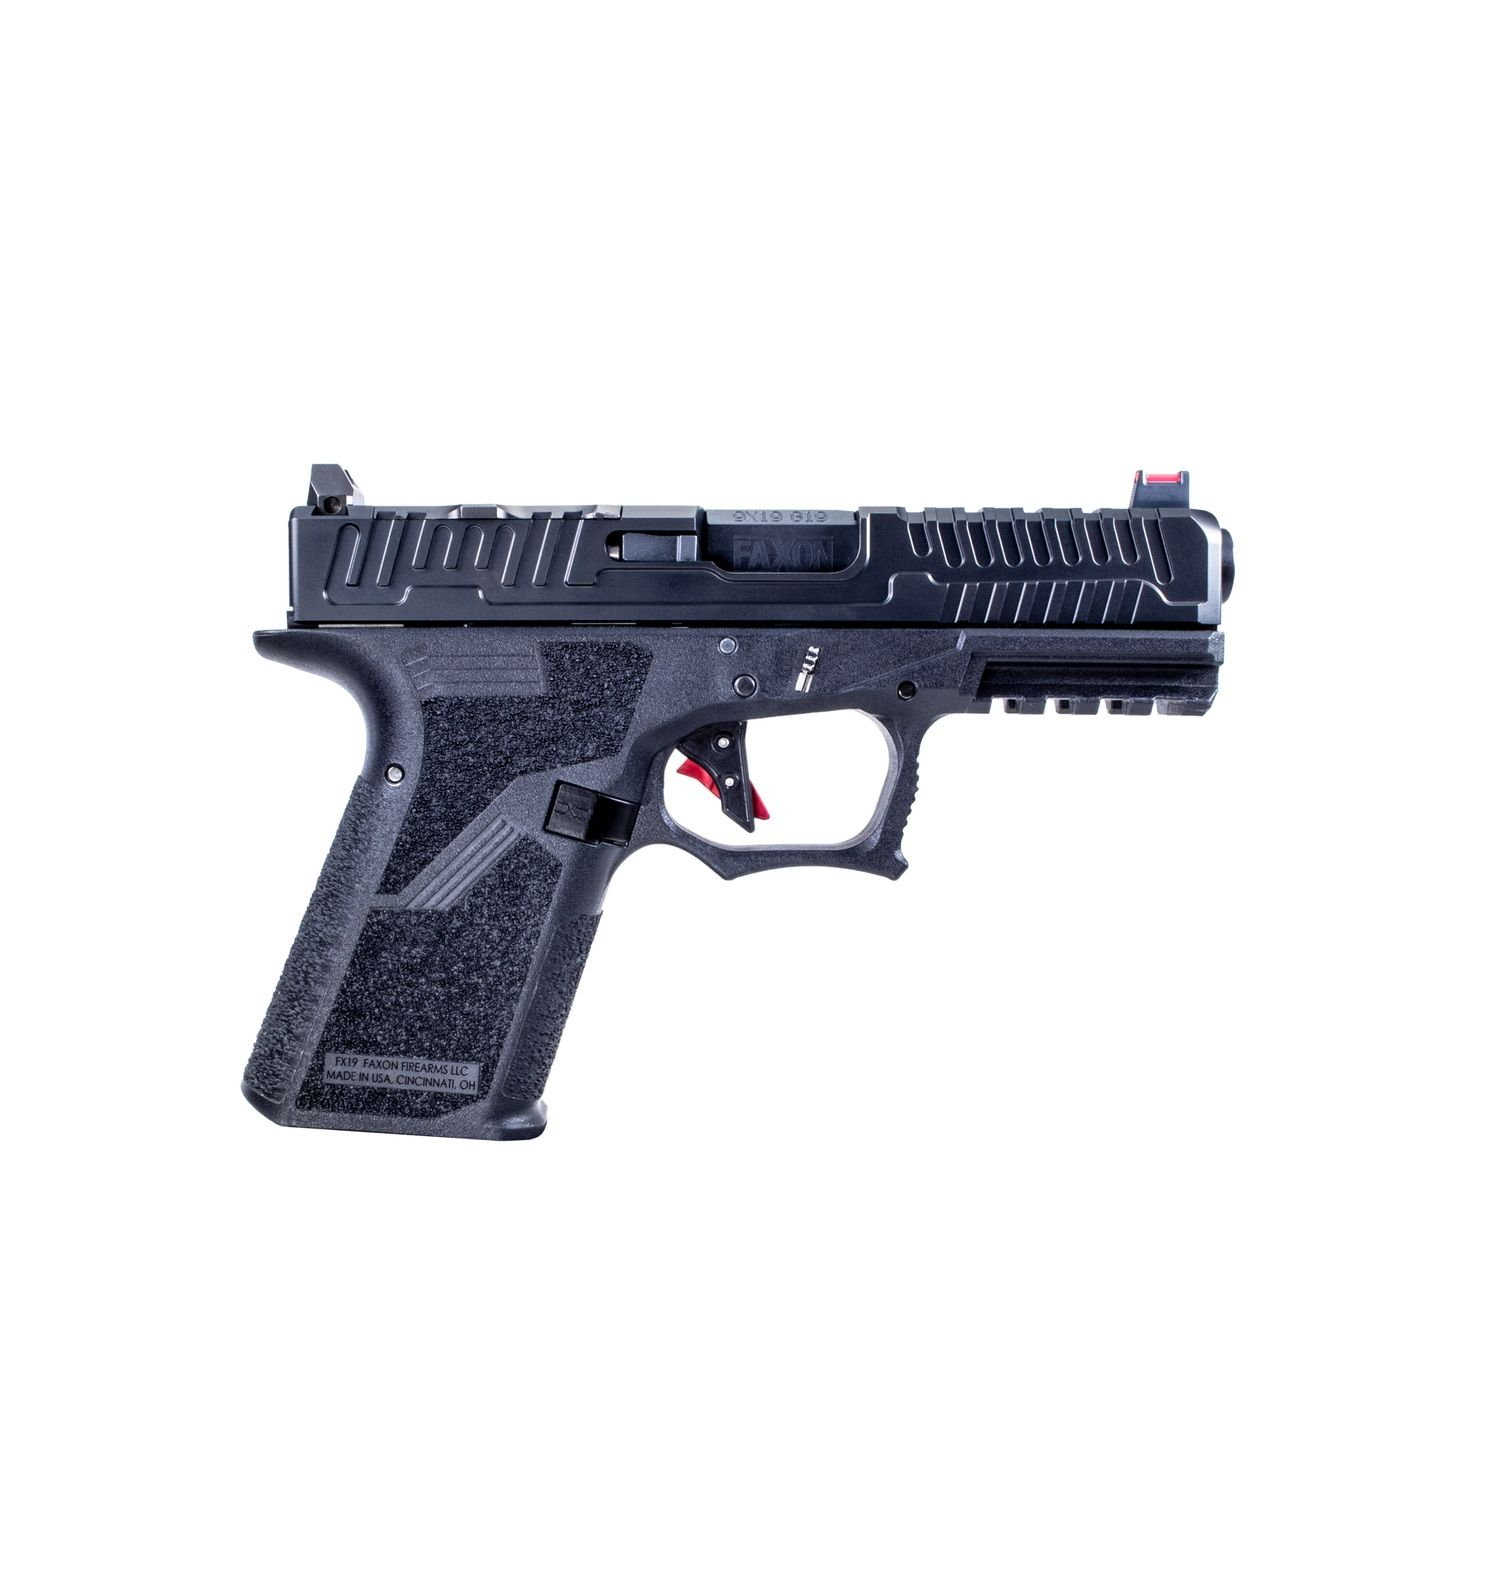 Faxon Firearms FX19 Patriot - kompaktní pistol každodenní nošení